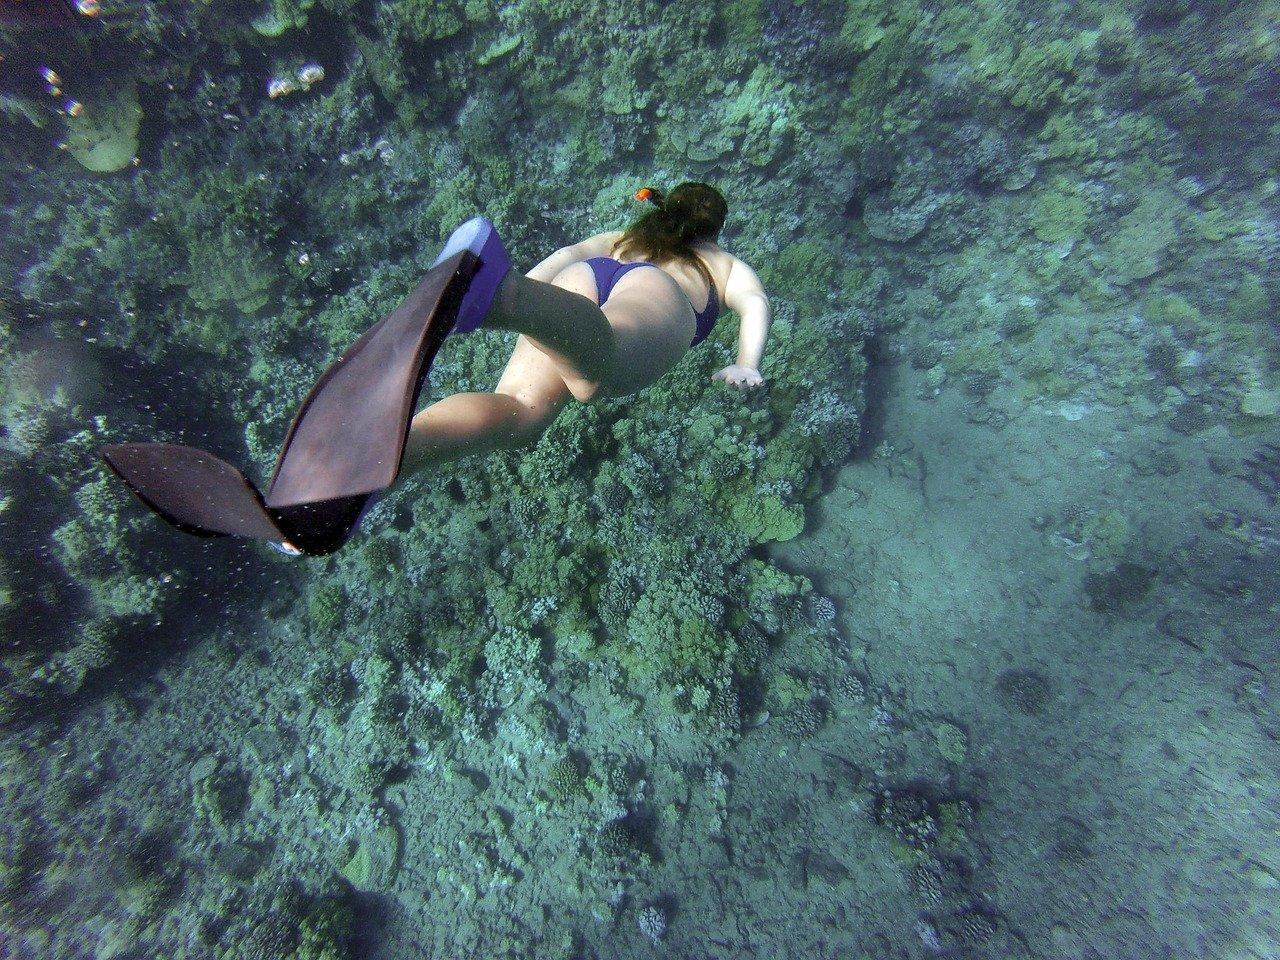 snorkeling in salento – La terra di Puglia.it